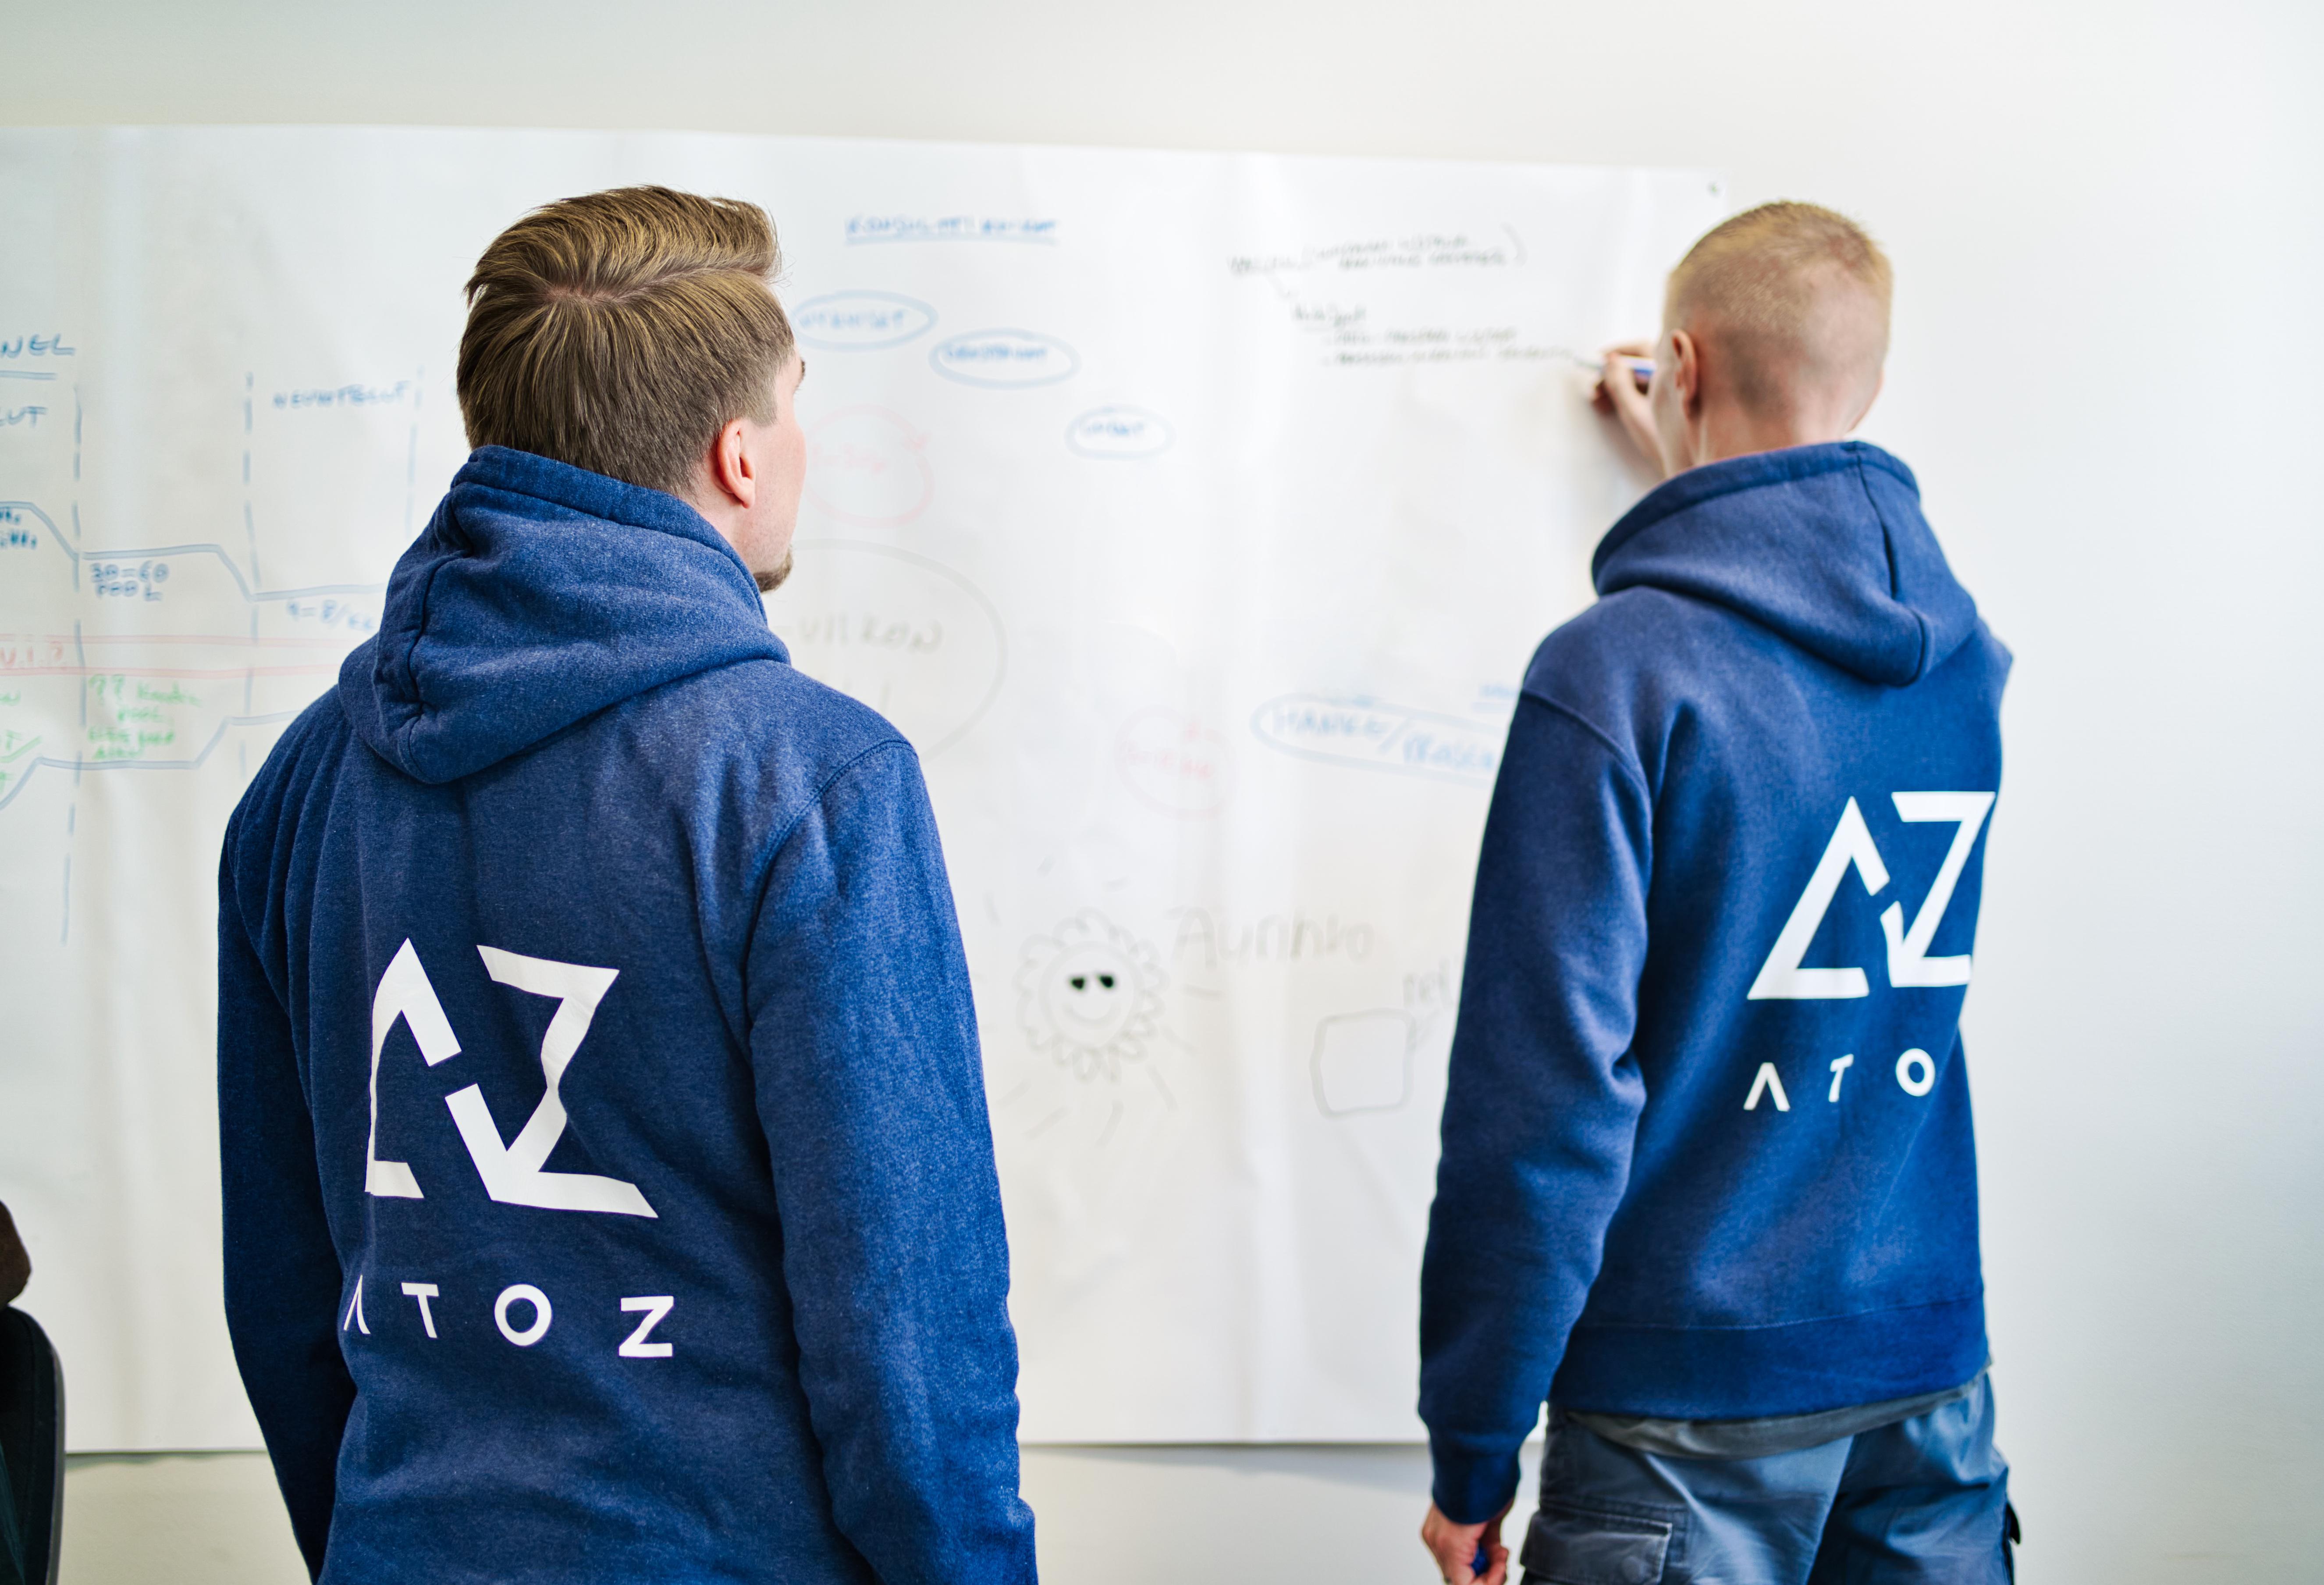 AtoZ-hupparit-valkotaululla